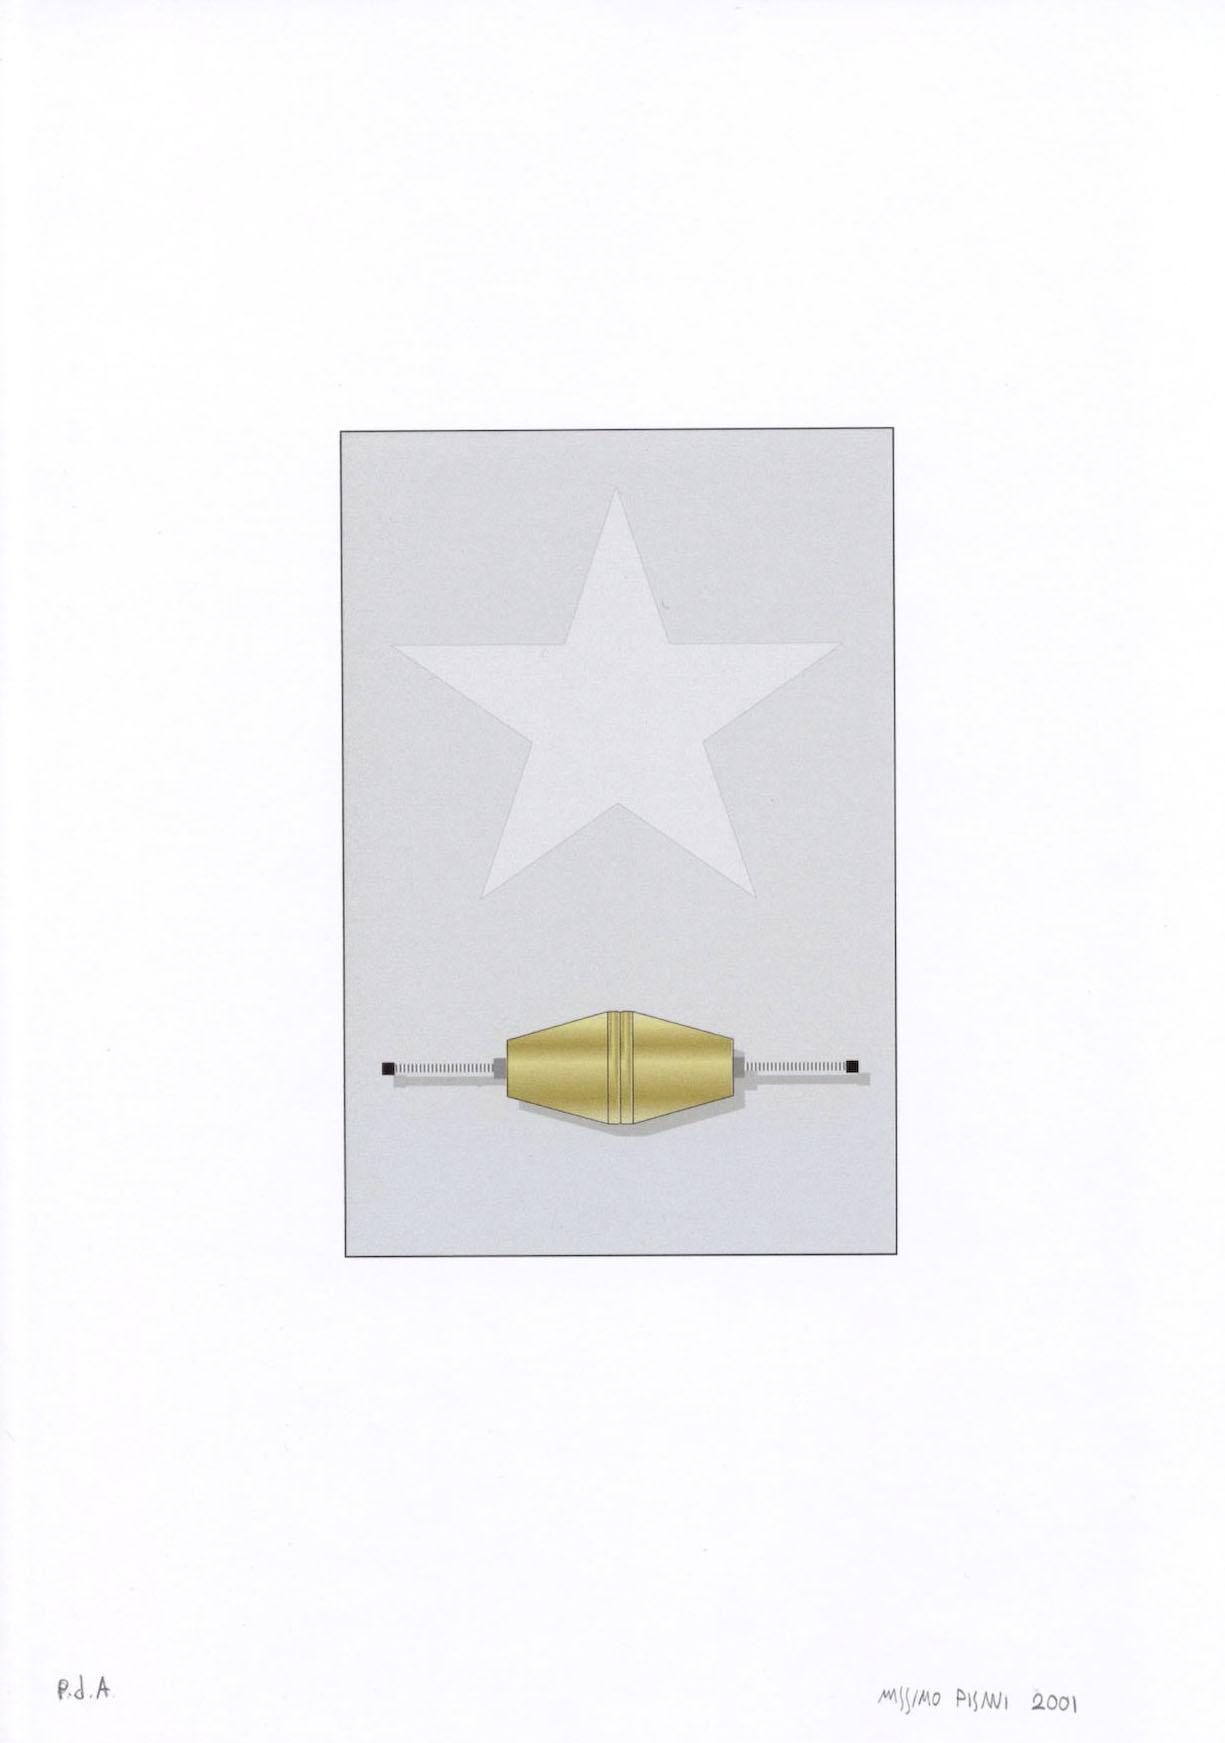 Ilustraciónes para la publicación Pulcino elefante cm.21x29,7 -2002- 12